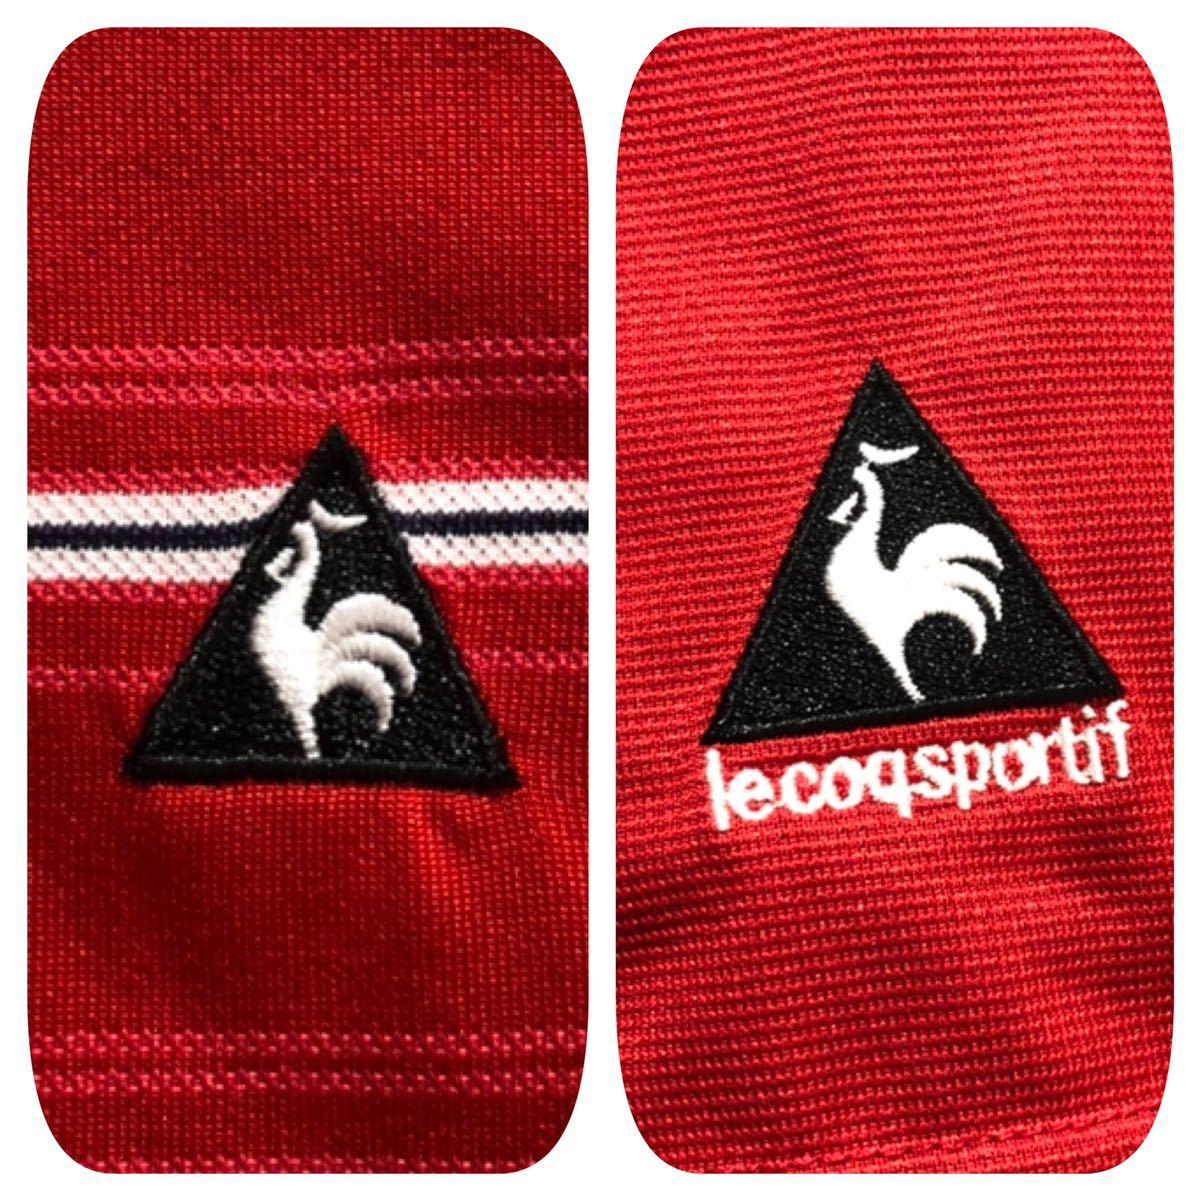 《le coq sportif GOLF ルコックゴルフ》ホワイトライン ロゴ刺繍 ボーダー柄 半袖 ポロシャツ レッド×ホワイト×ブラック L_画像5